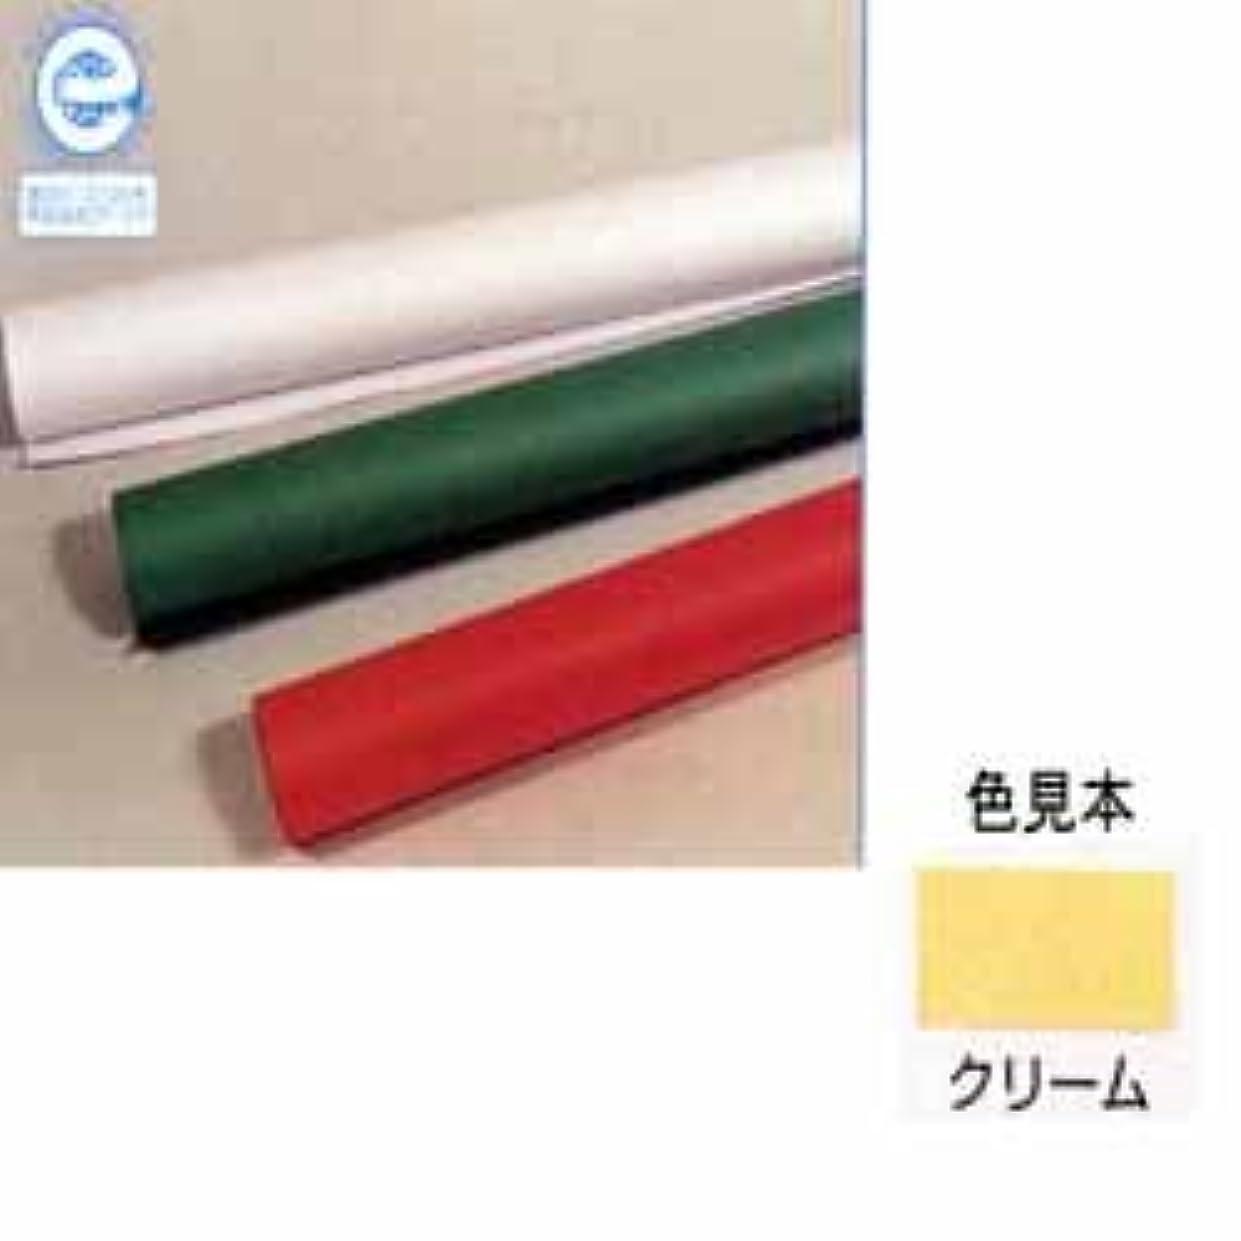 たくさん窒素少数ジャンボロールR 画用紙 ※クリーム (No.101)